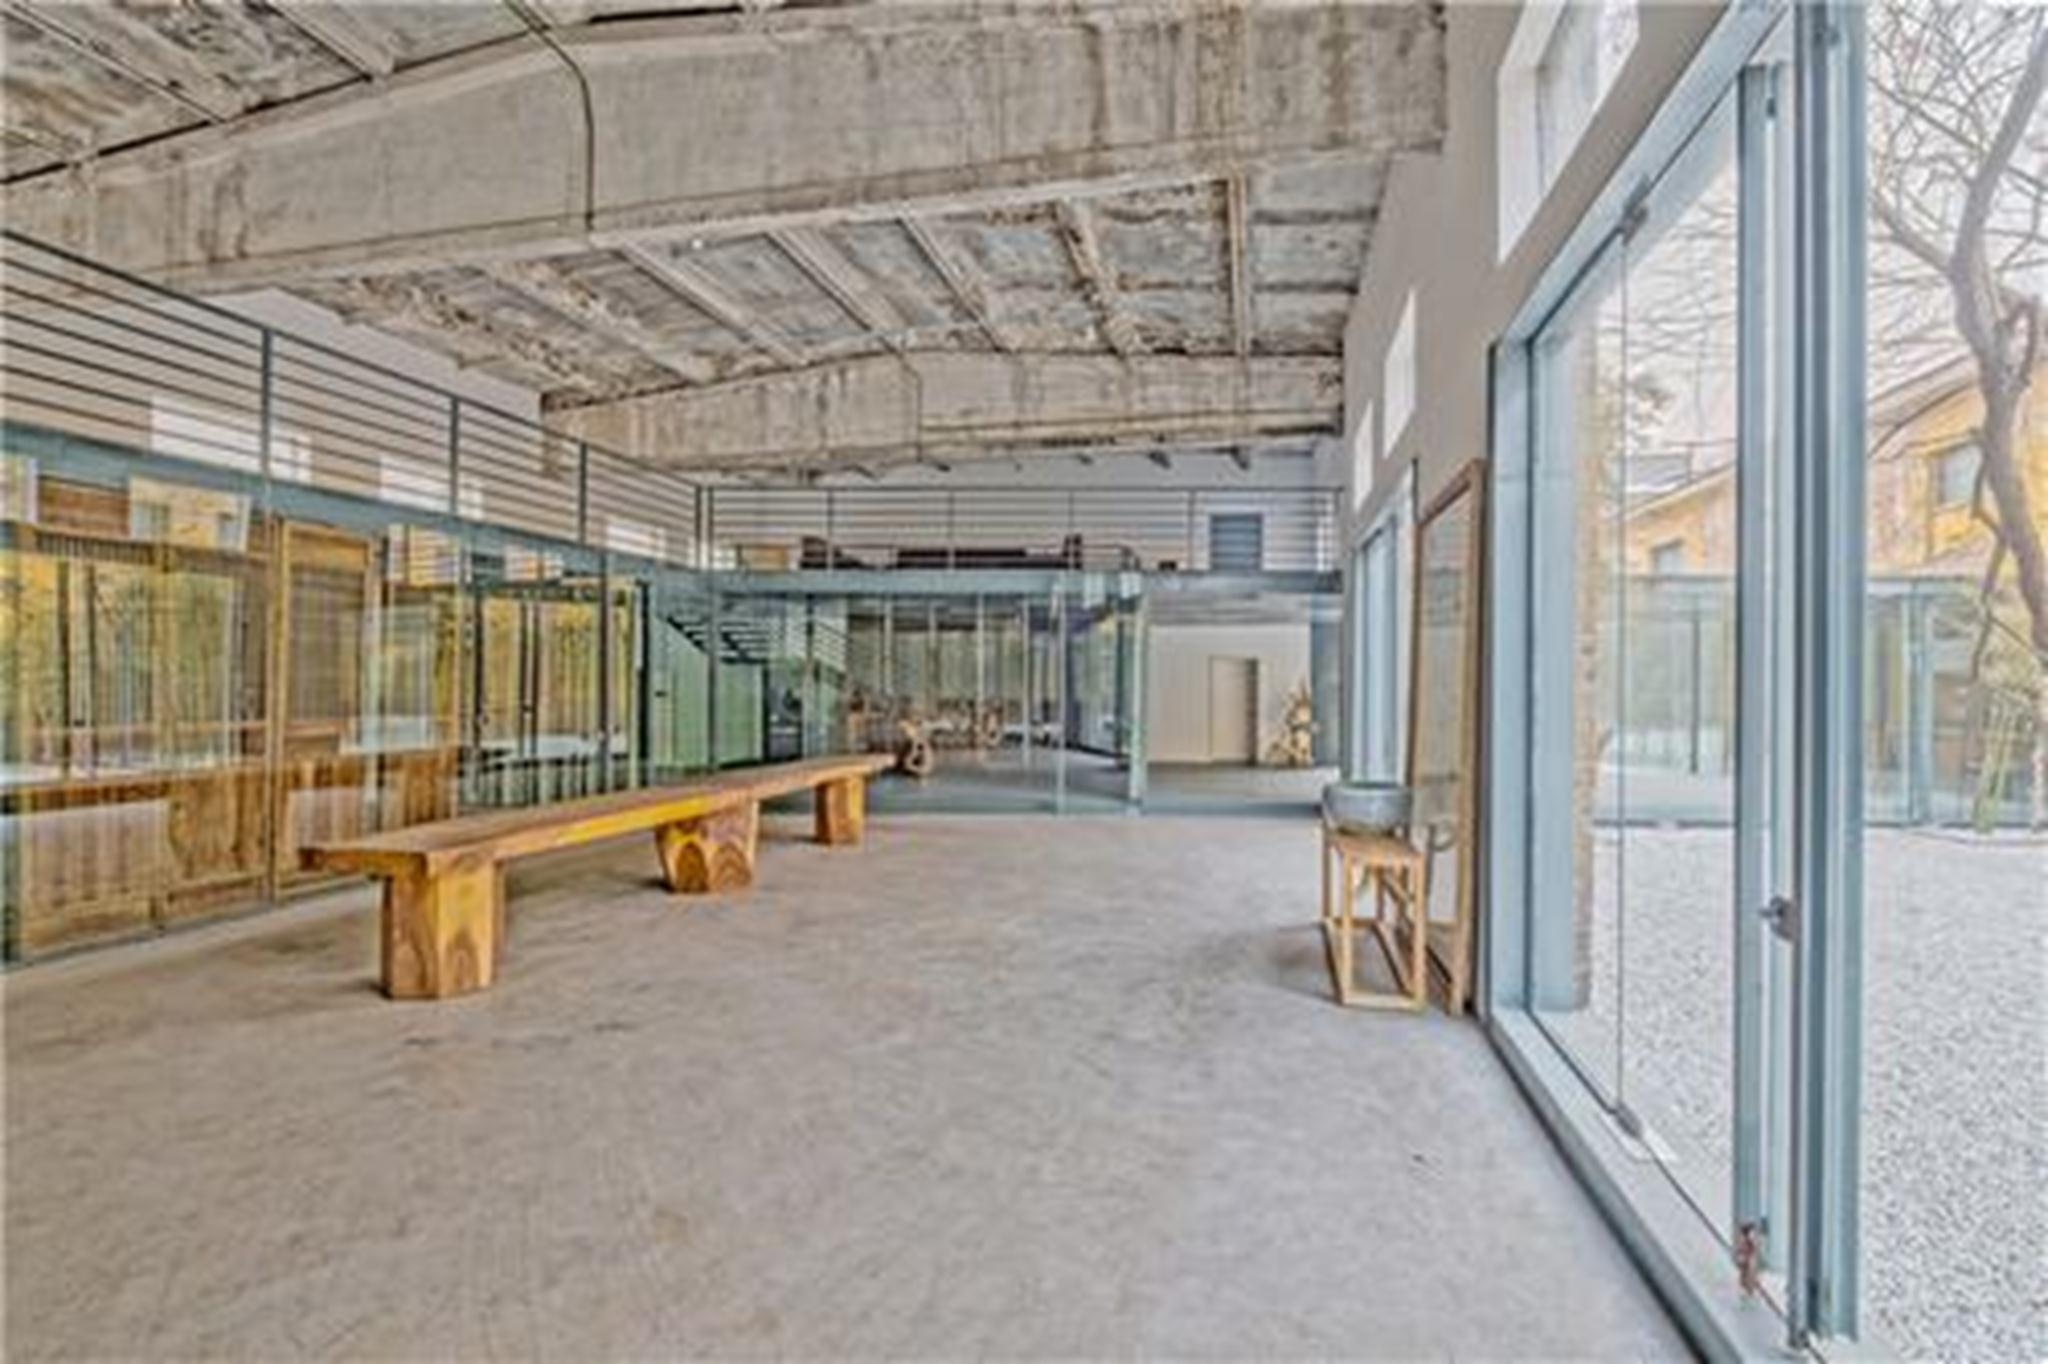 Hành lang được thiết lập bằng những tấm kính cong phục vụ như là một khu vực truyền thông đa chức năng